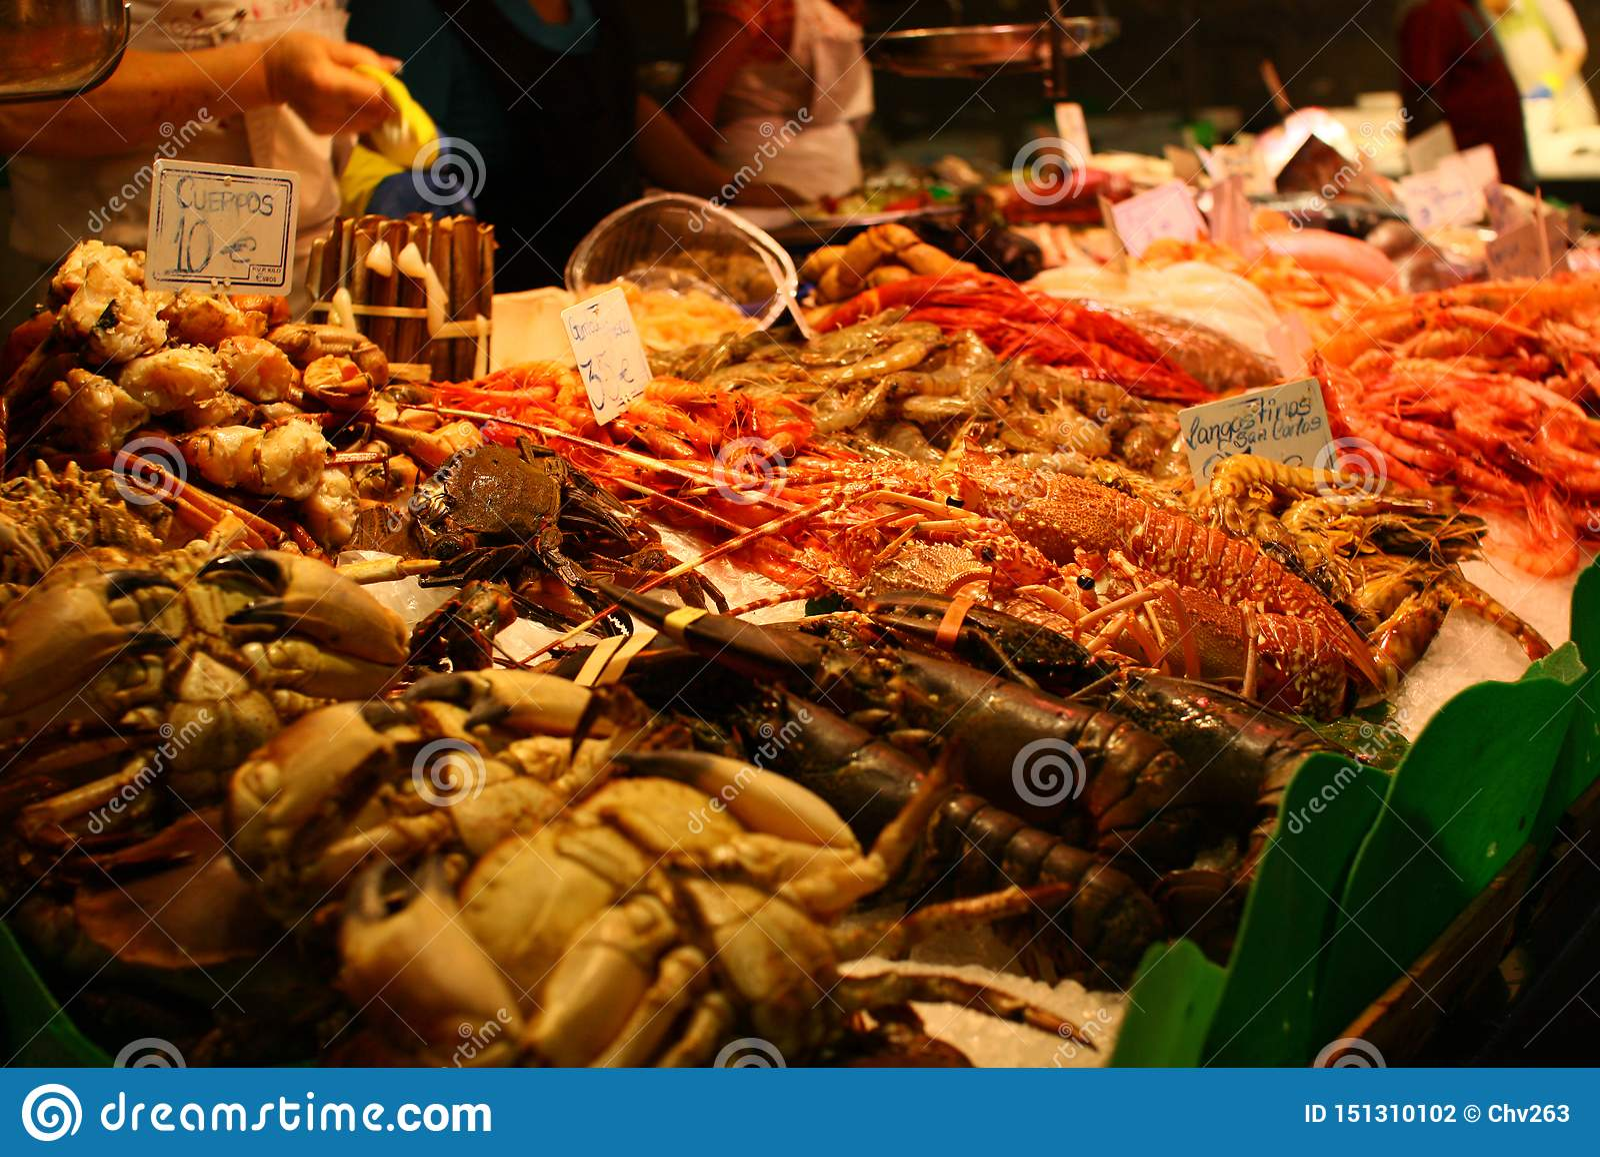 Φρέσκα θαλασσινά στην αίθουσα αγοράς